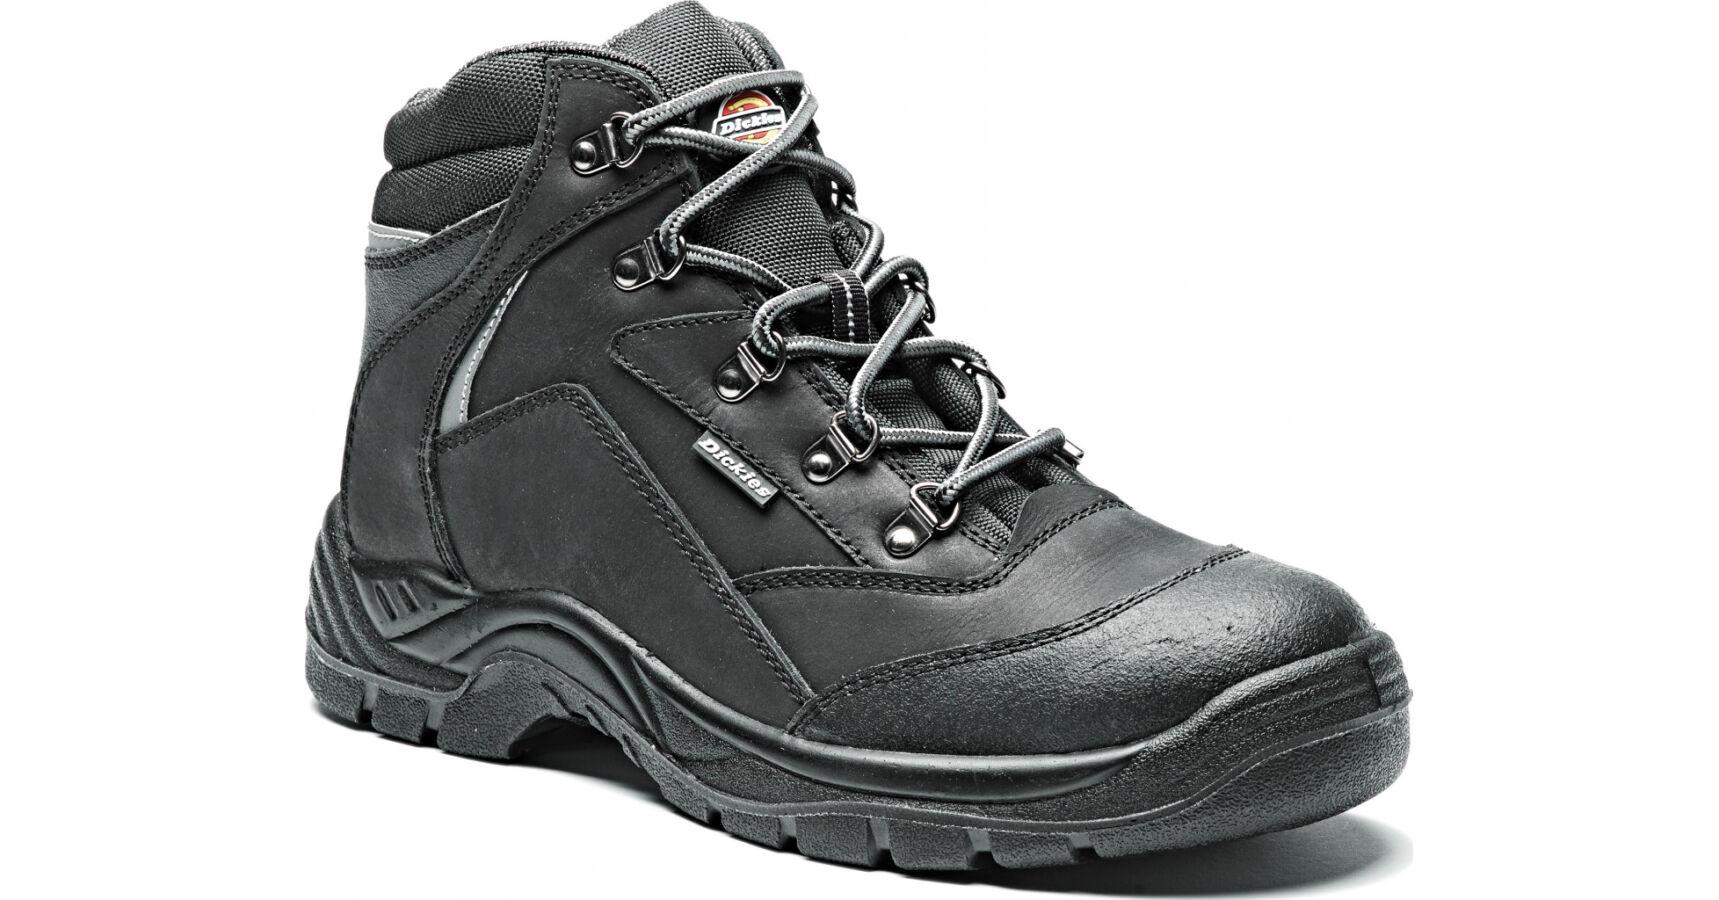 FC9501 42 Black Verona munkacipő női S3 Munkavédelmi lábbeli